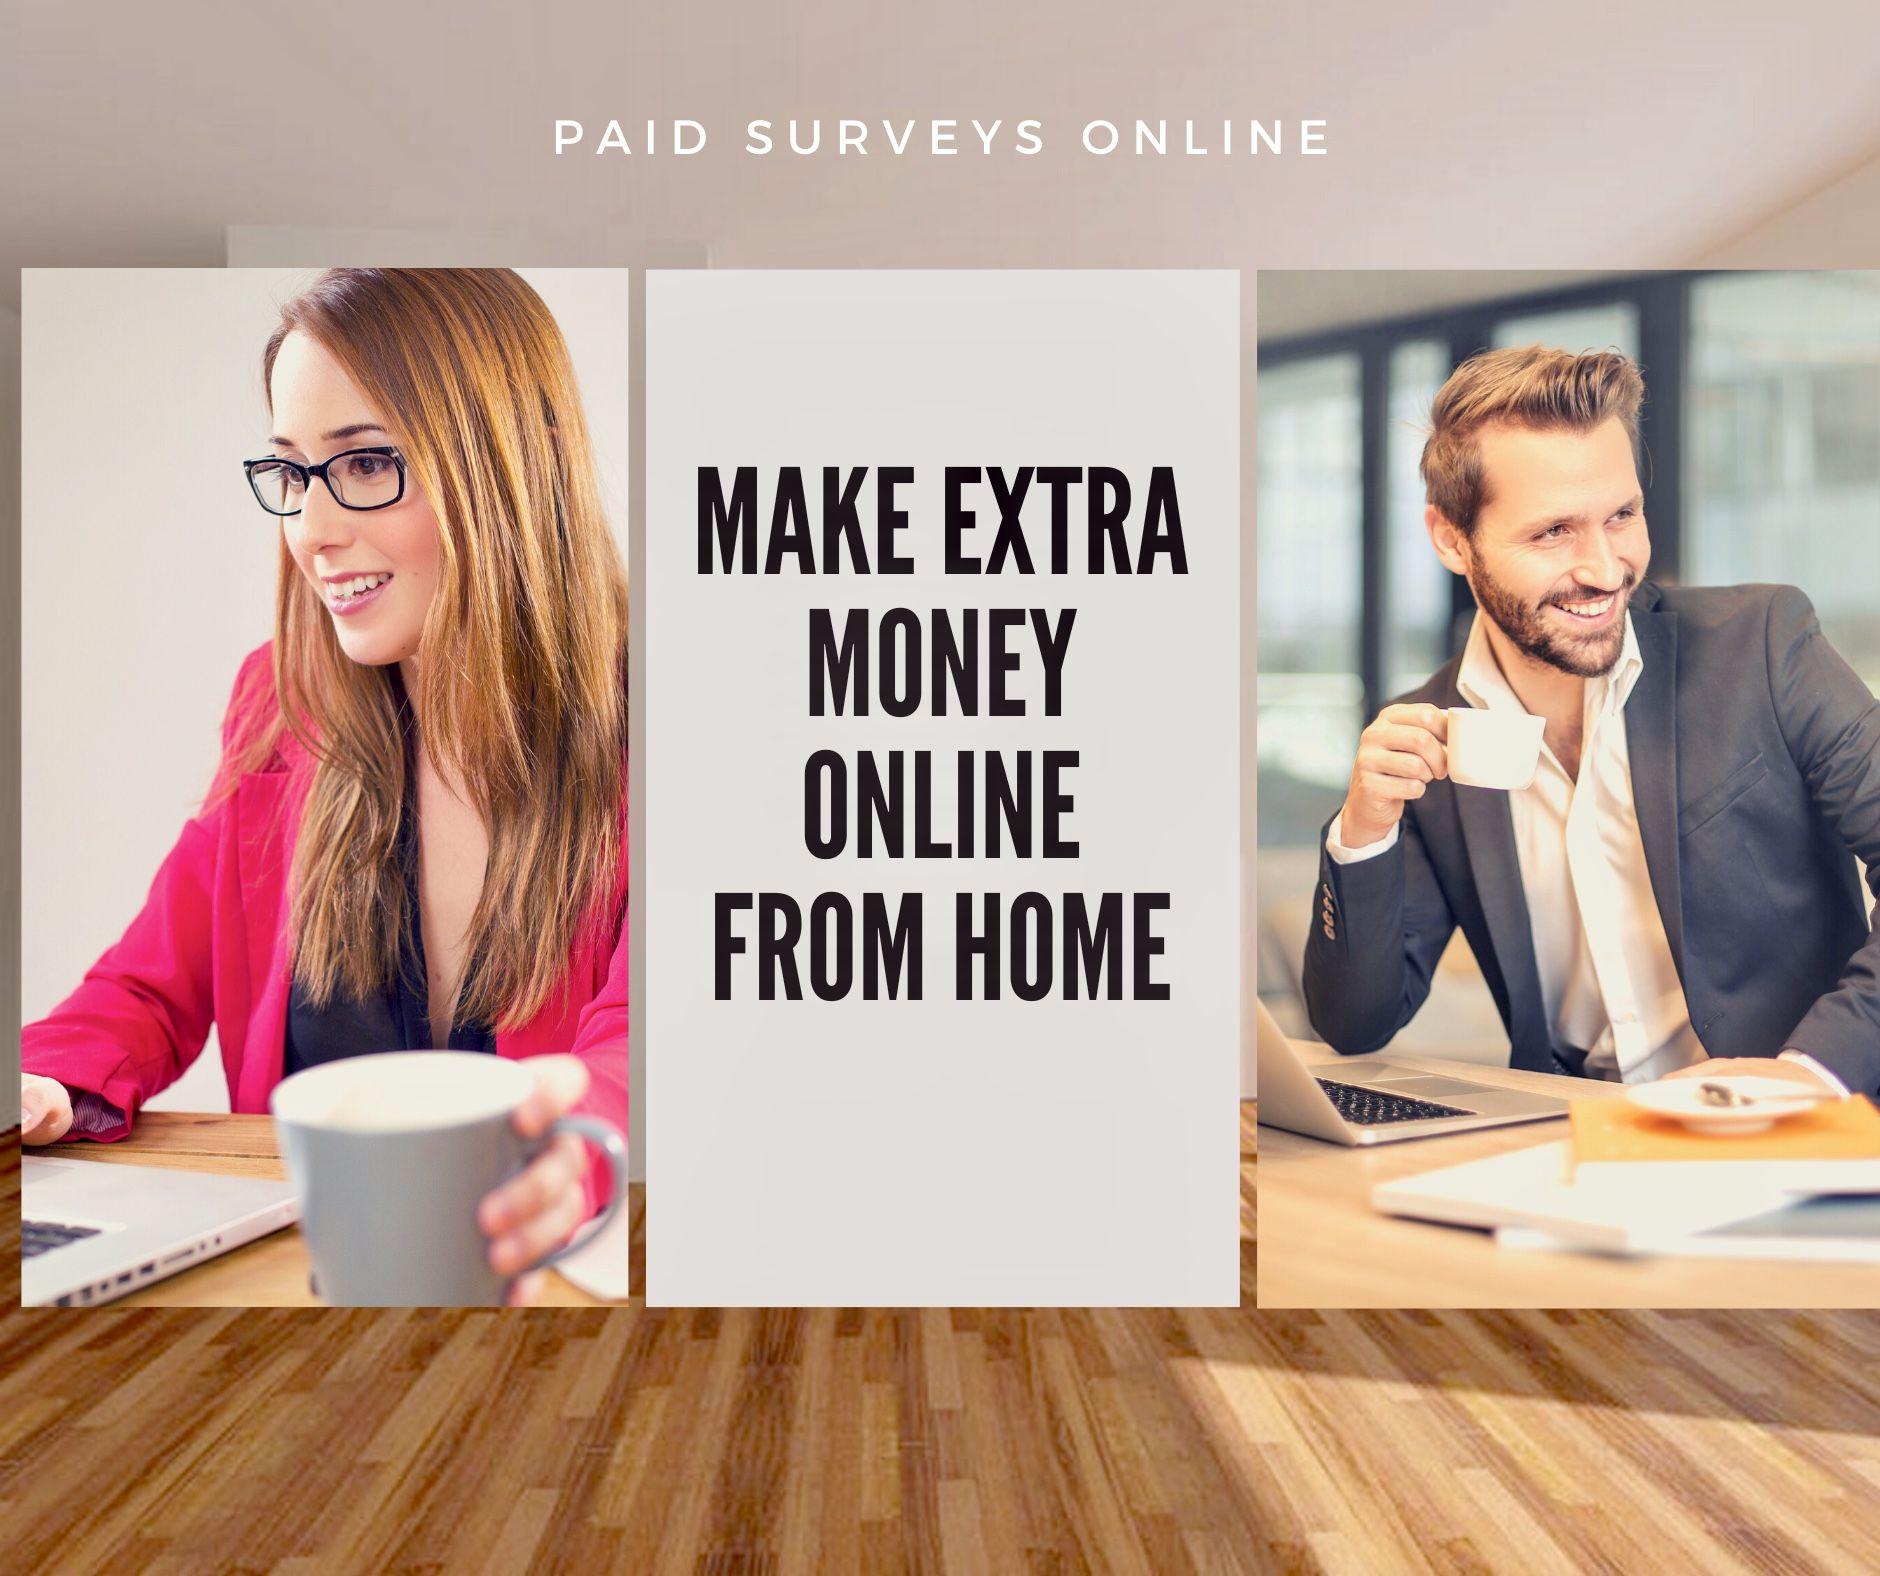 Paid online surveys online surveys that pay paid